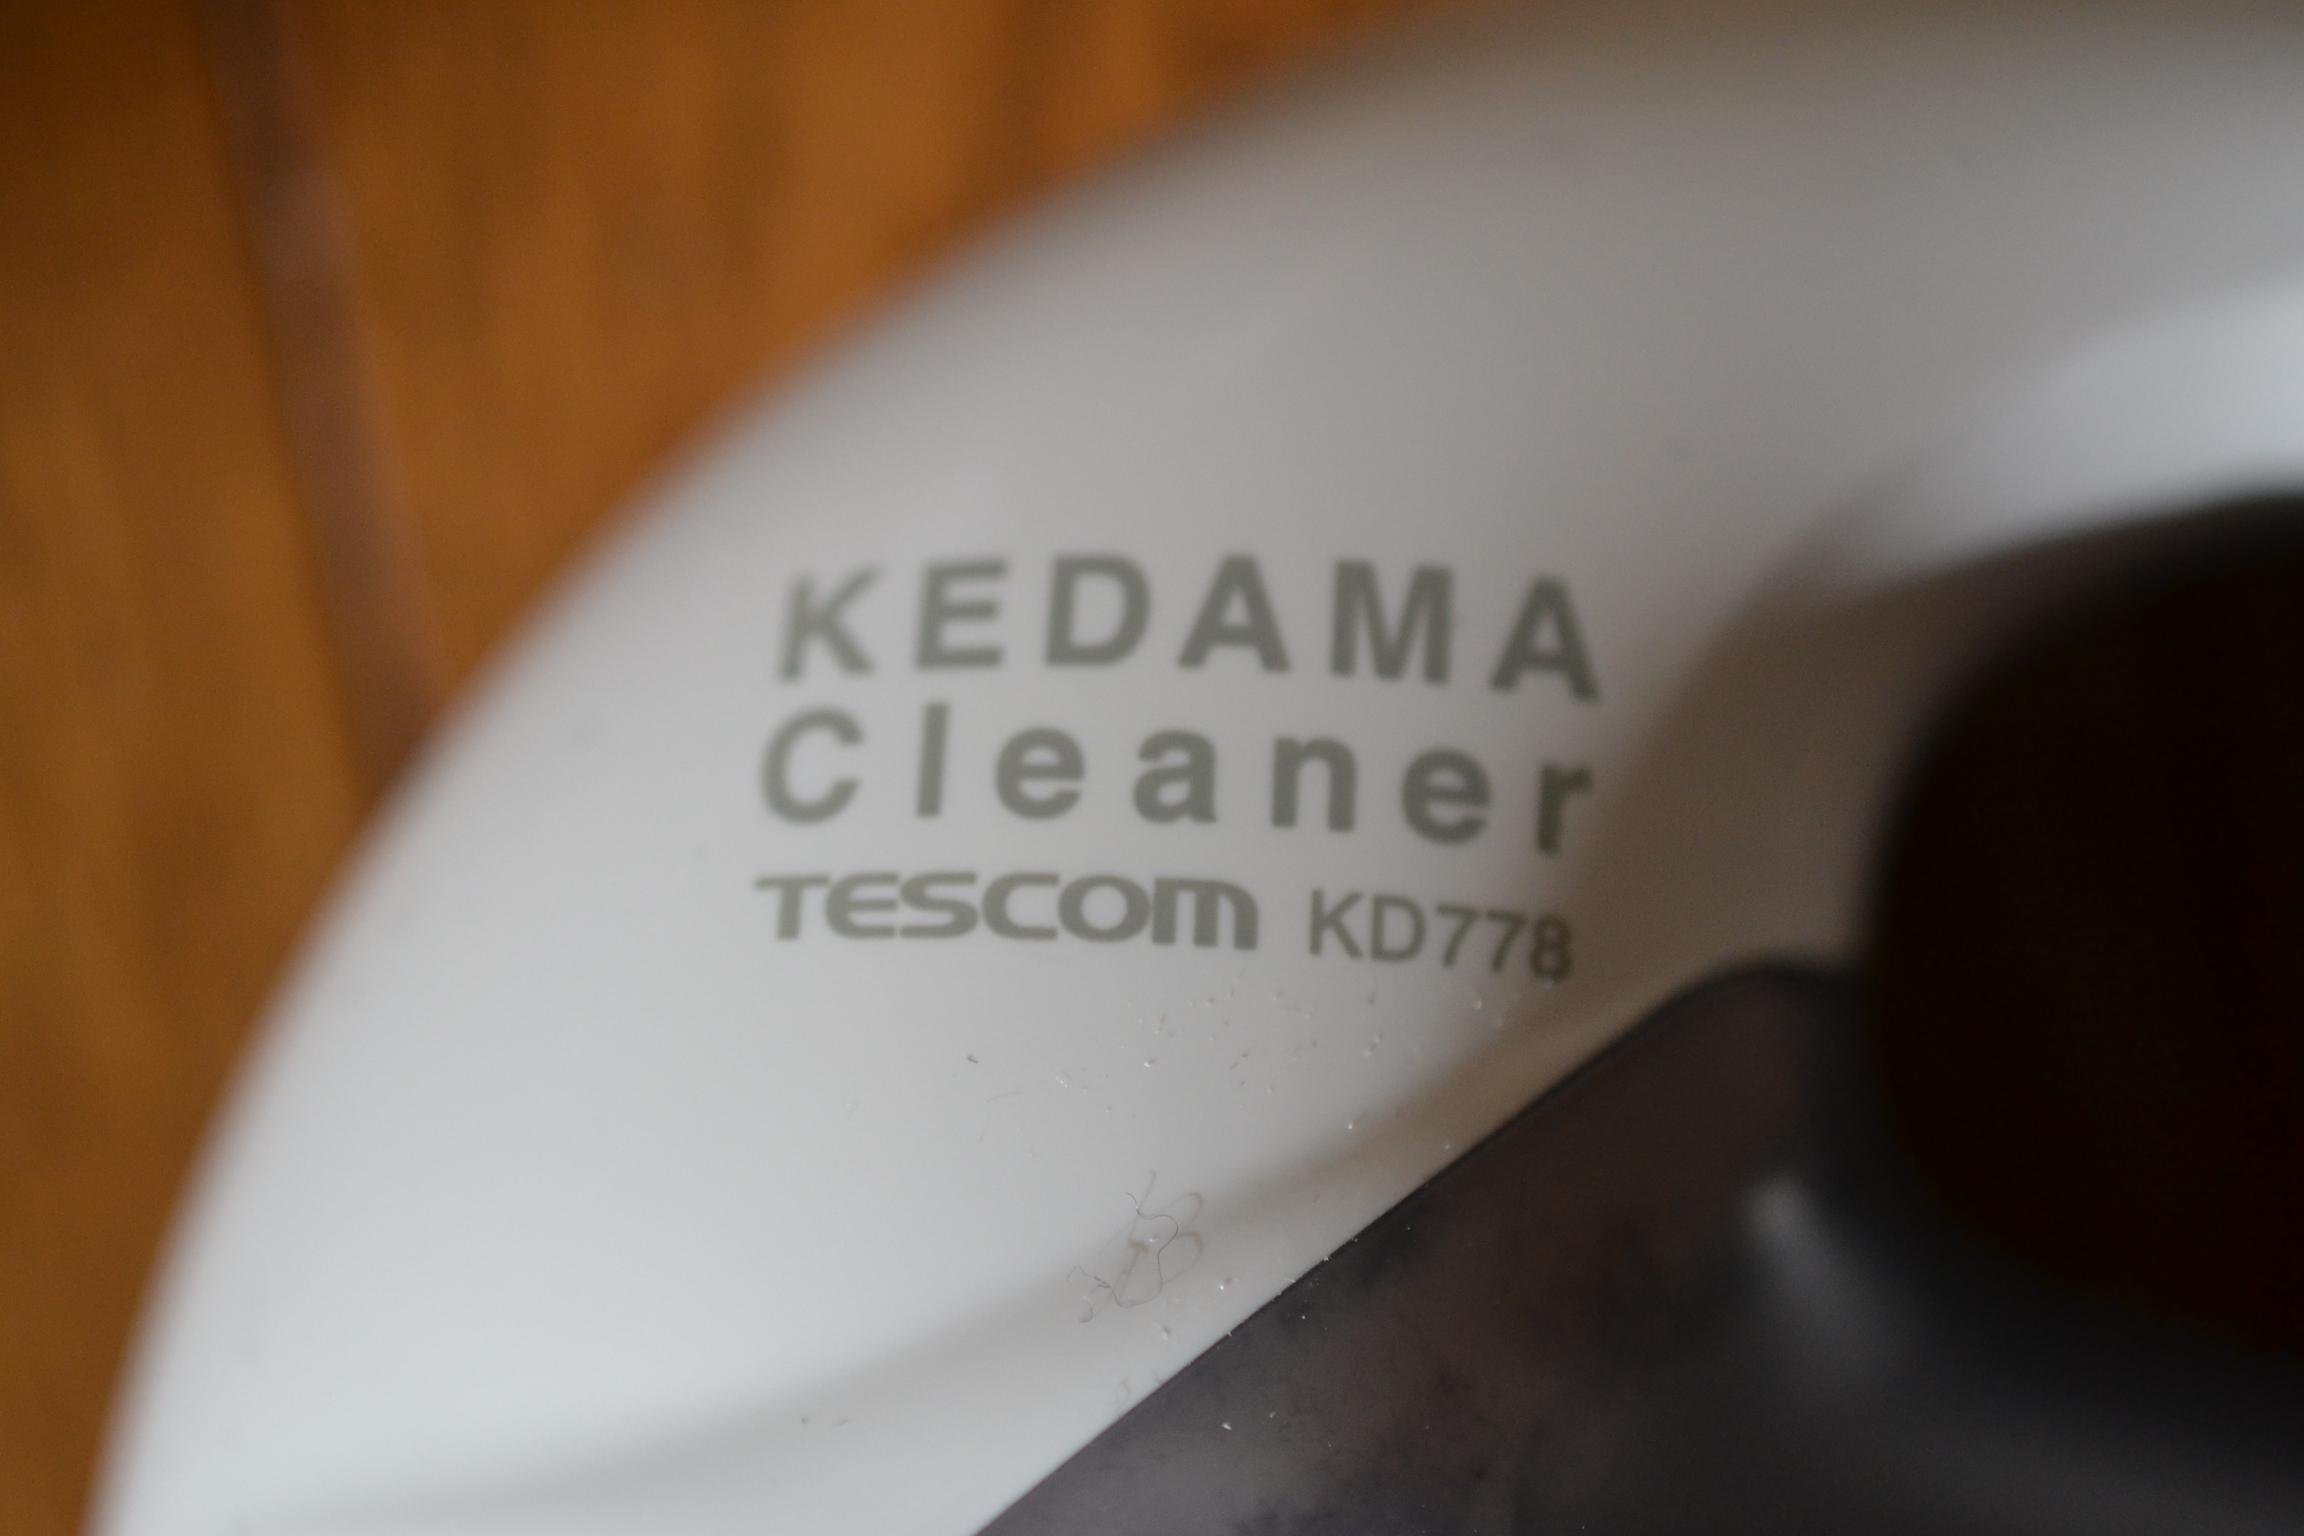 TESCOM 毛玉クリーナー KD778ロゴ